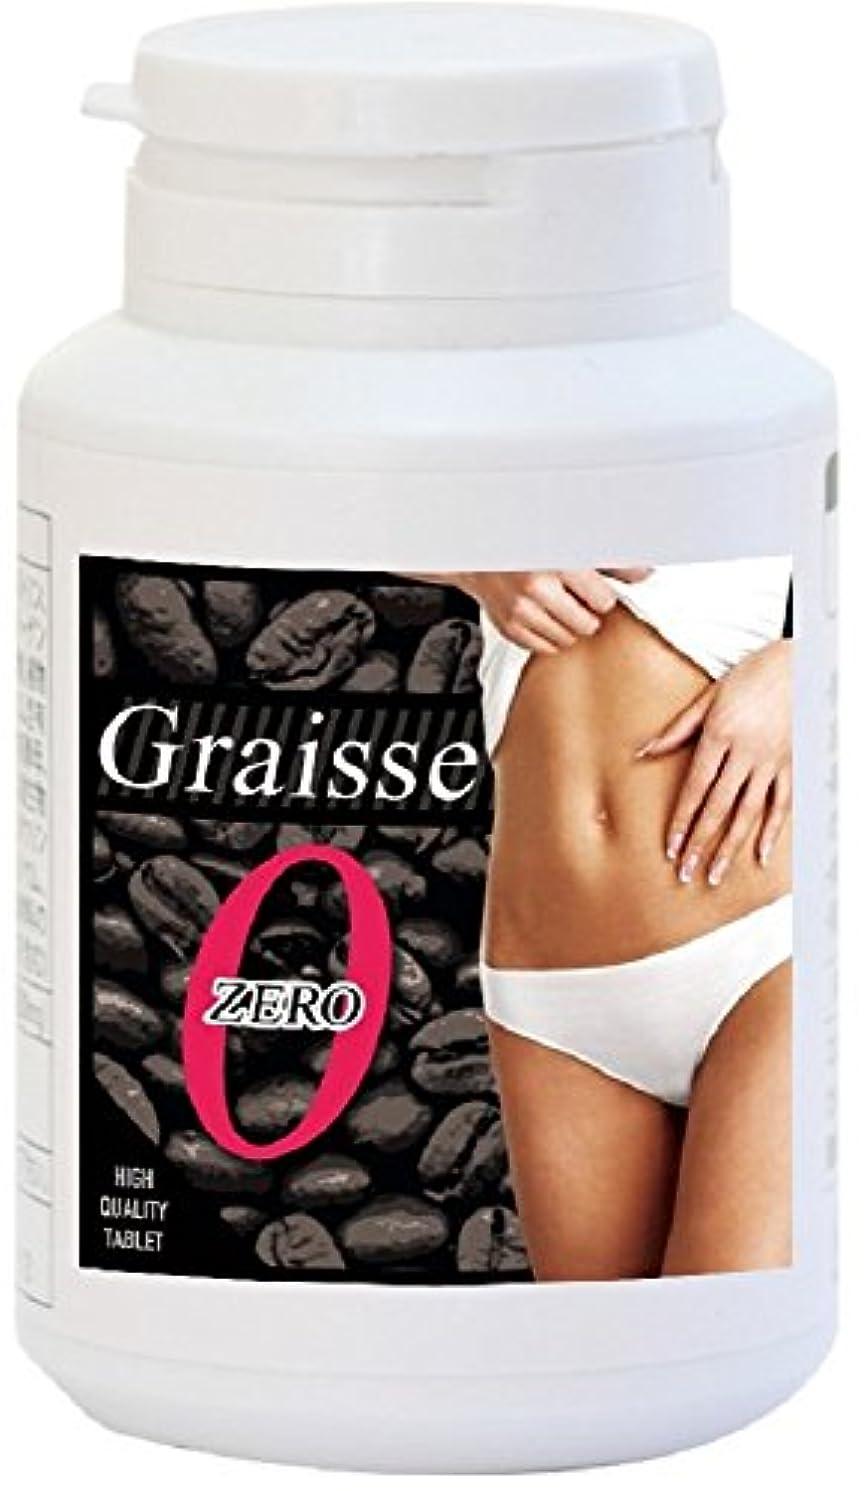 疾患協力する配置グレイシーゼロ 60粒入り 燃焼系 ダイエット サプリメント 日本製